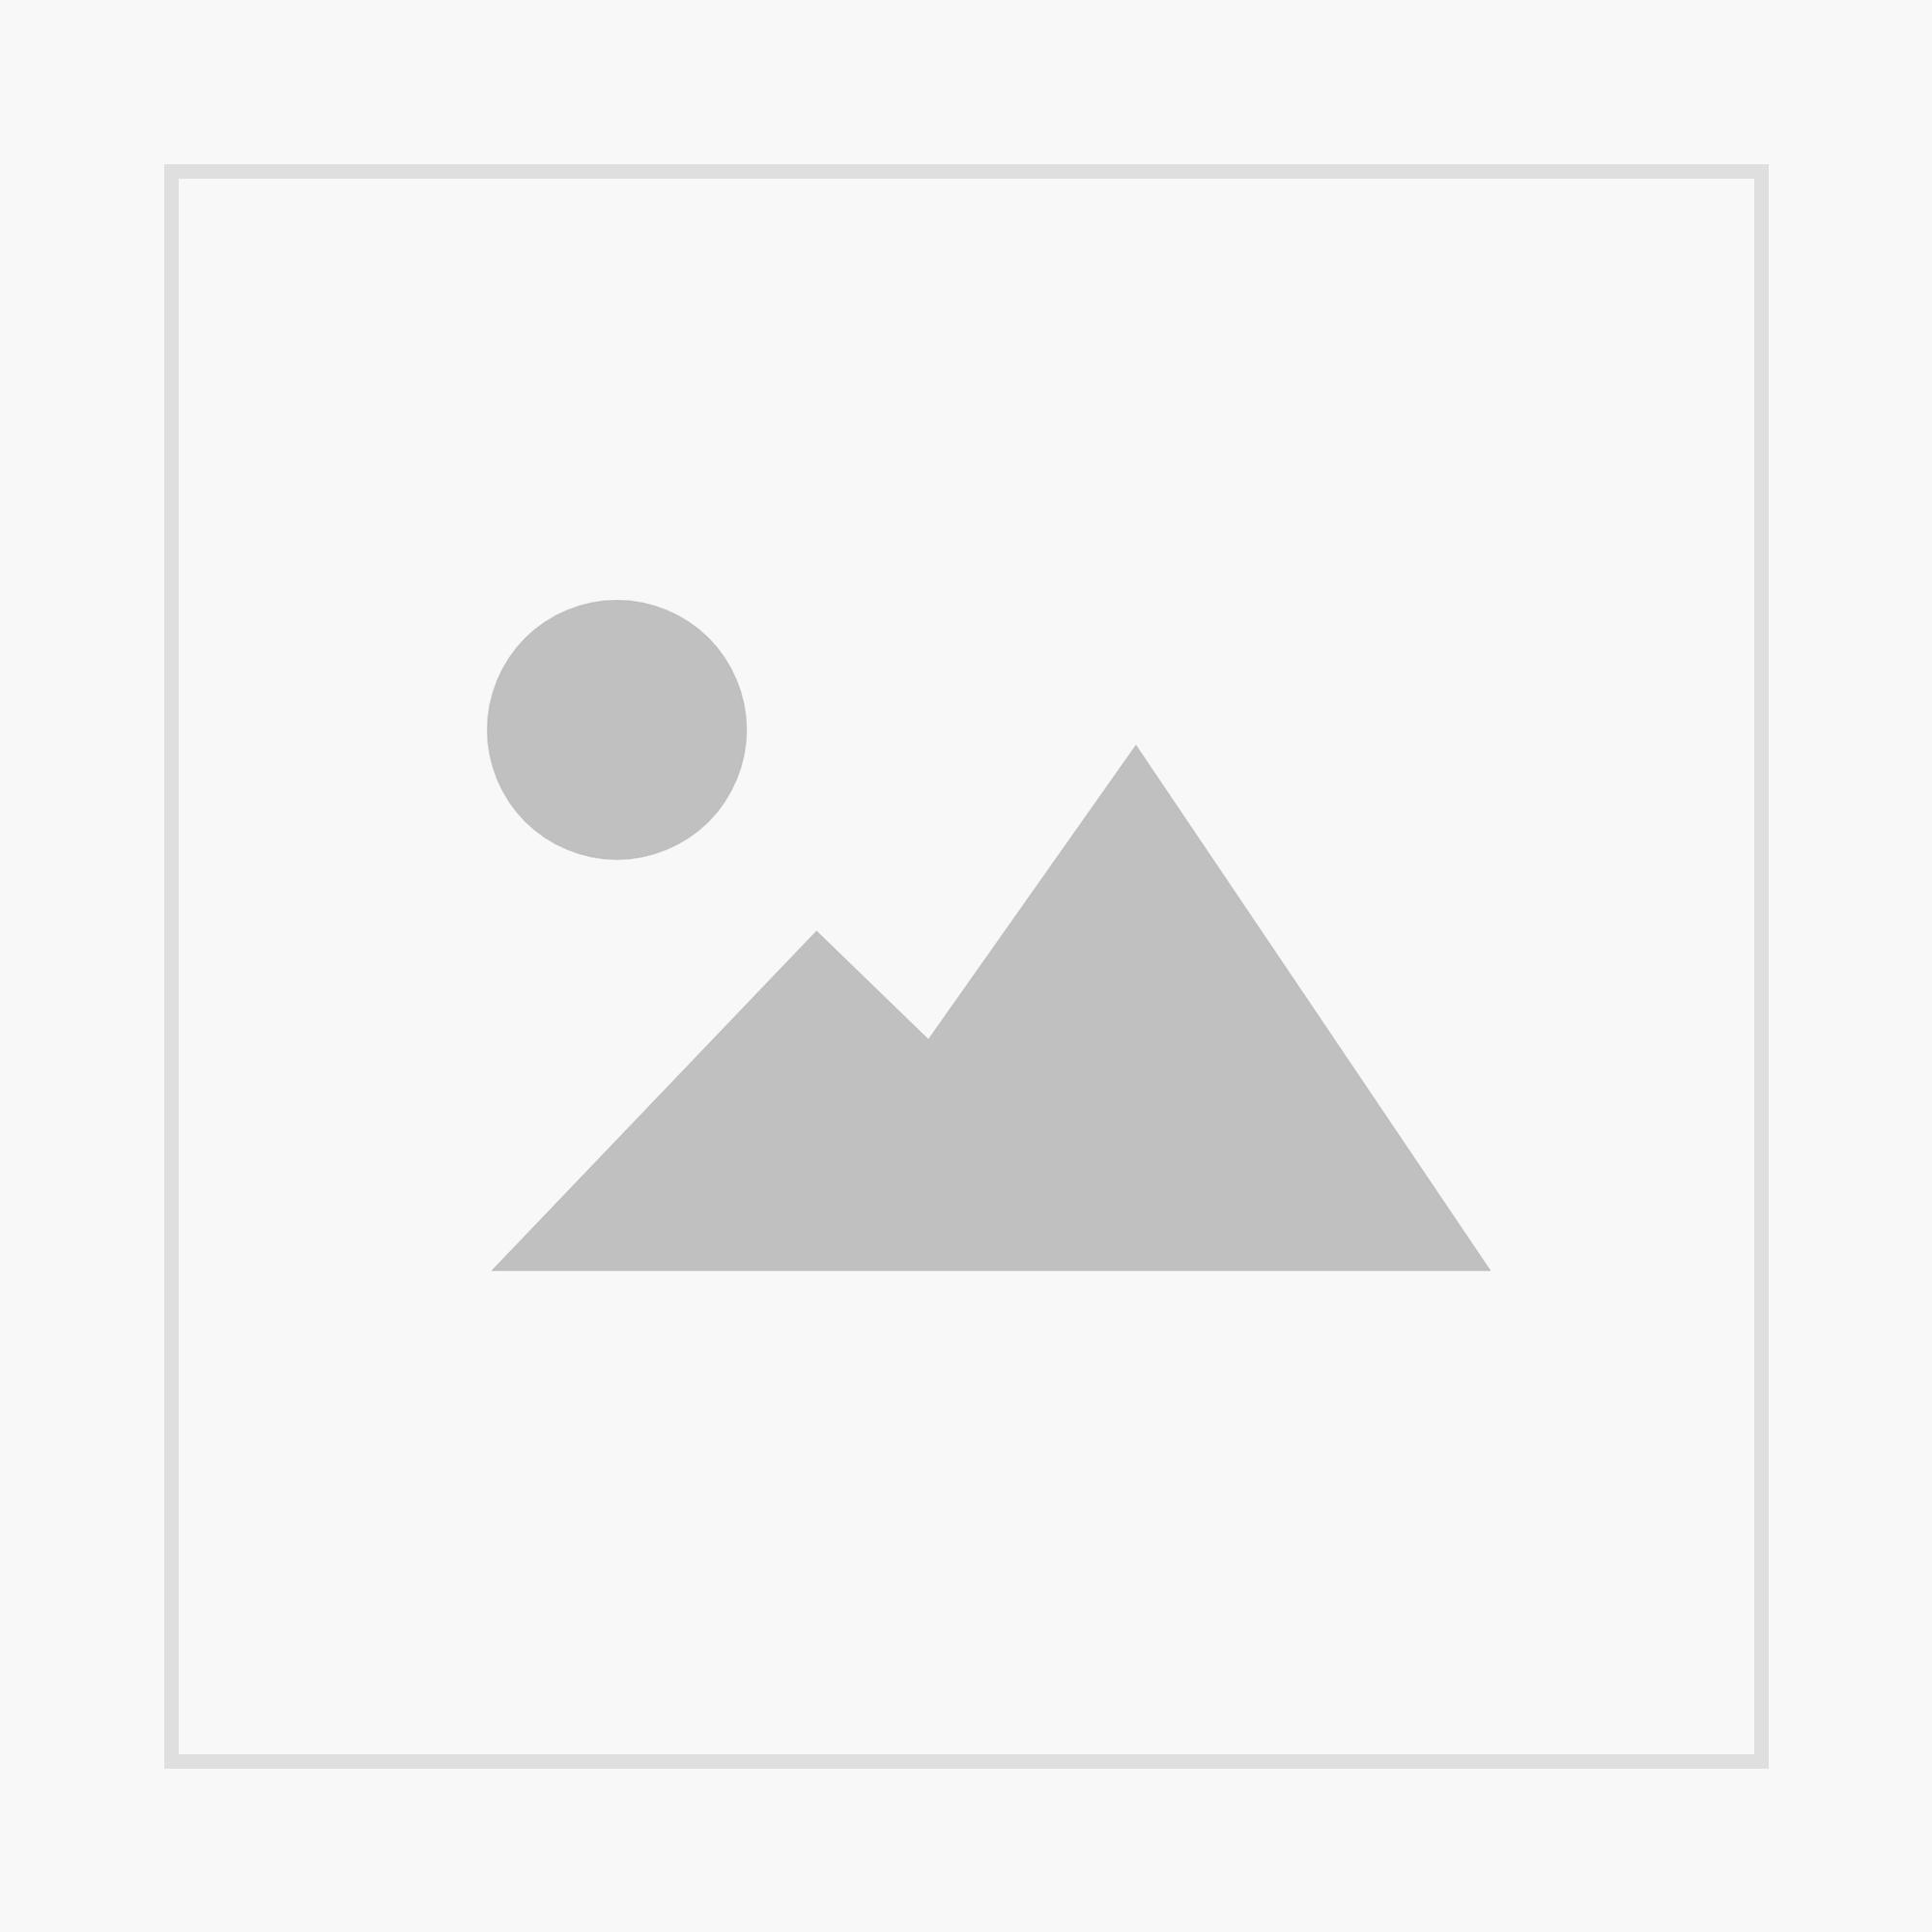 NaBiV Heft 151: Ethohydraulische Untersuchungen zur Verbesserung des Fischschutzes an Wasserkraftanlagen